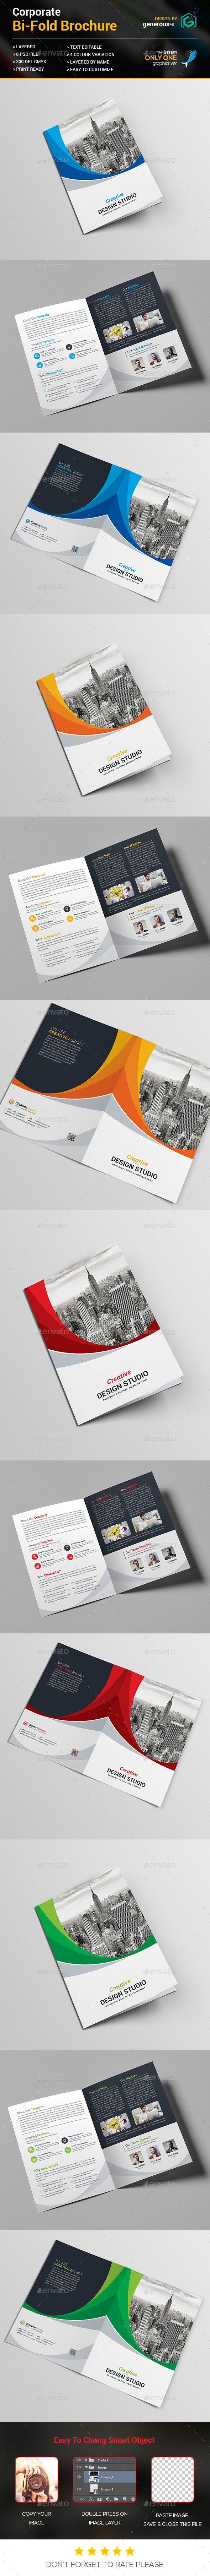 Bi-Fold Business Brochure Template | Pinterest